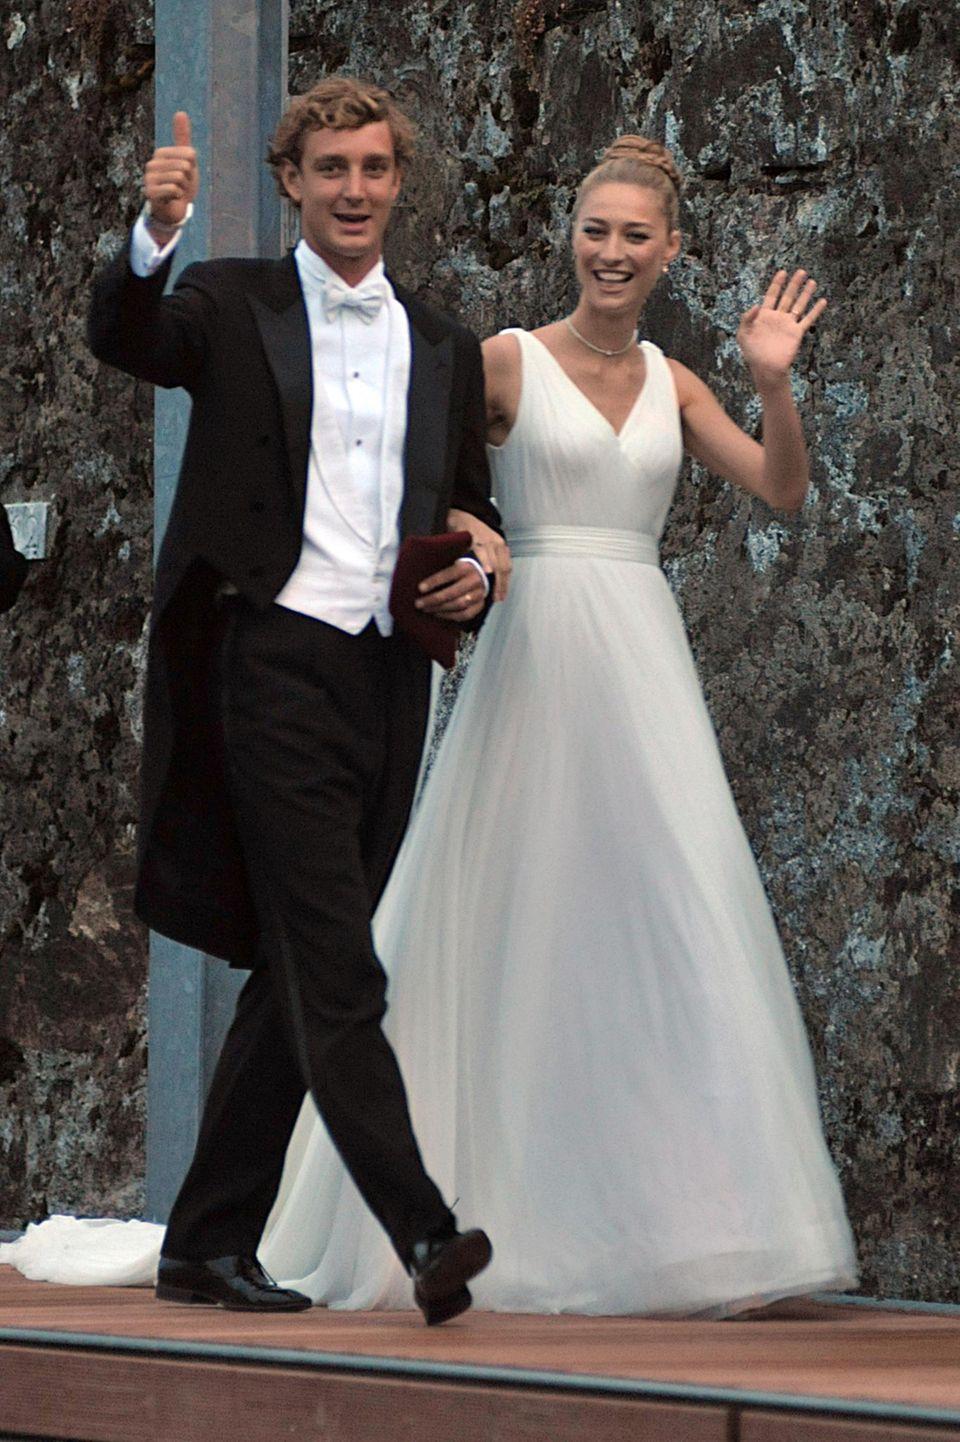 Pierre und Beatrice Casiraghi